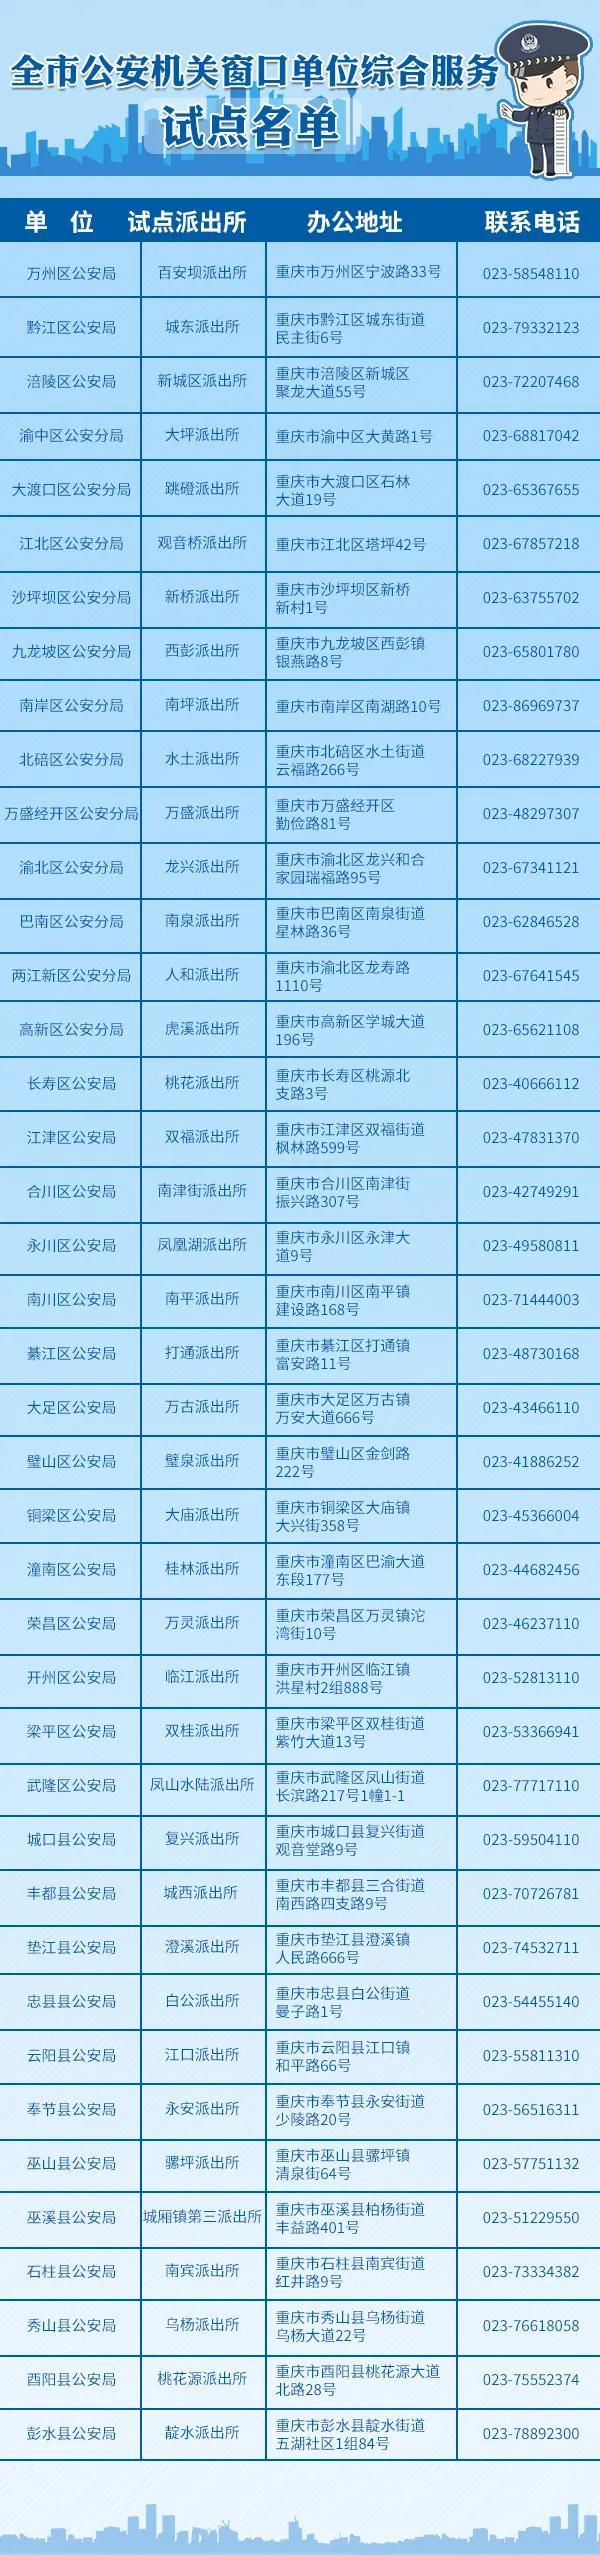 重庆公安局派出所地址电话